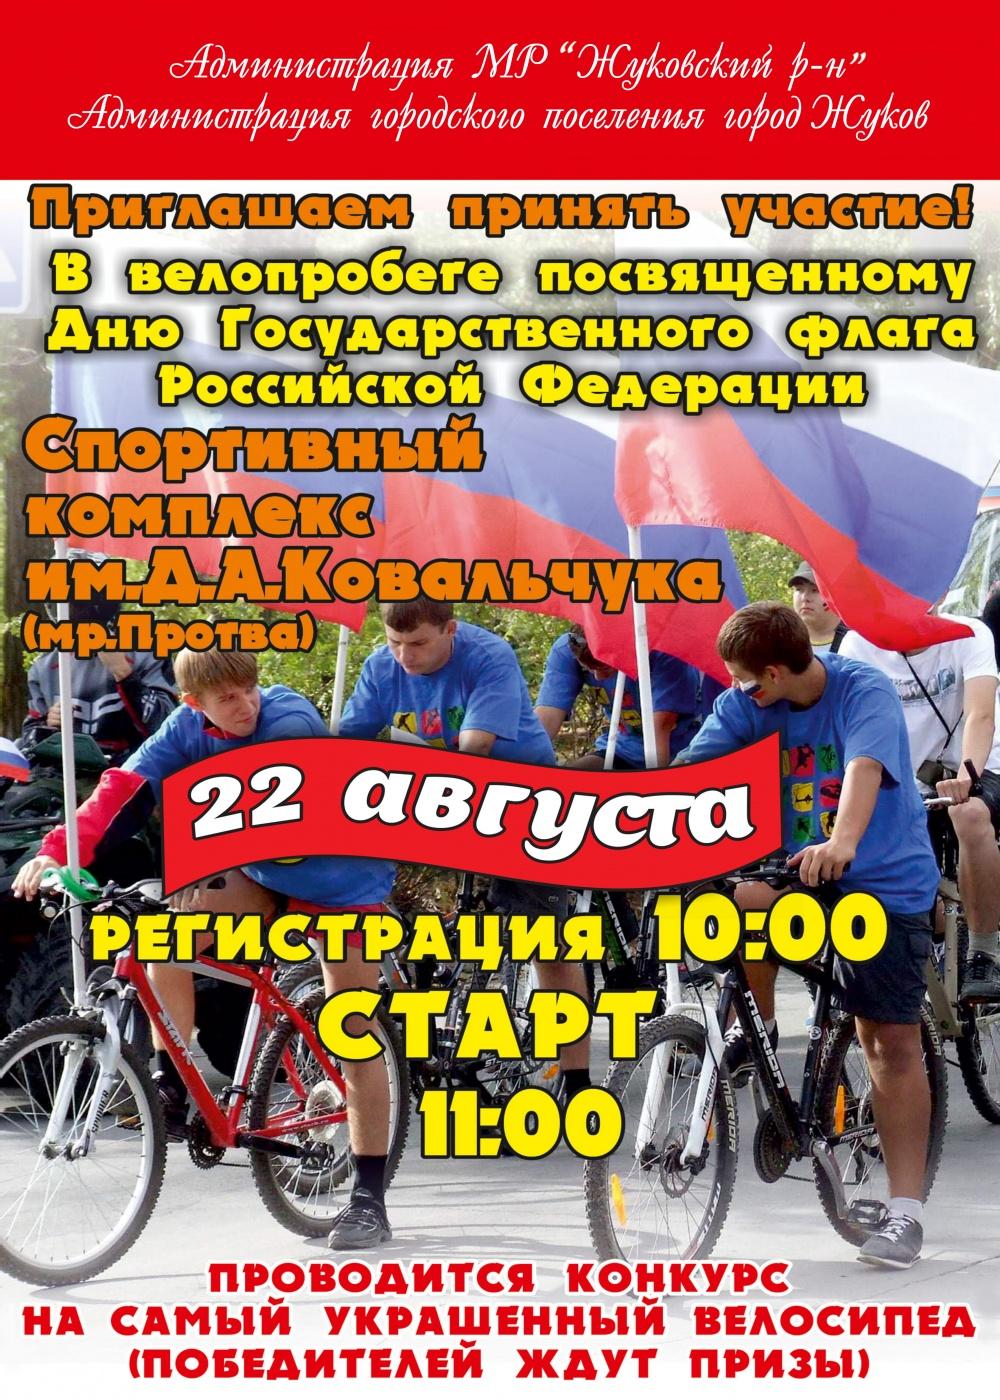 Приглашаем принять участие в традиционном велопробеге, посвященному Дню Государственного флага Российской Федерации!